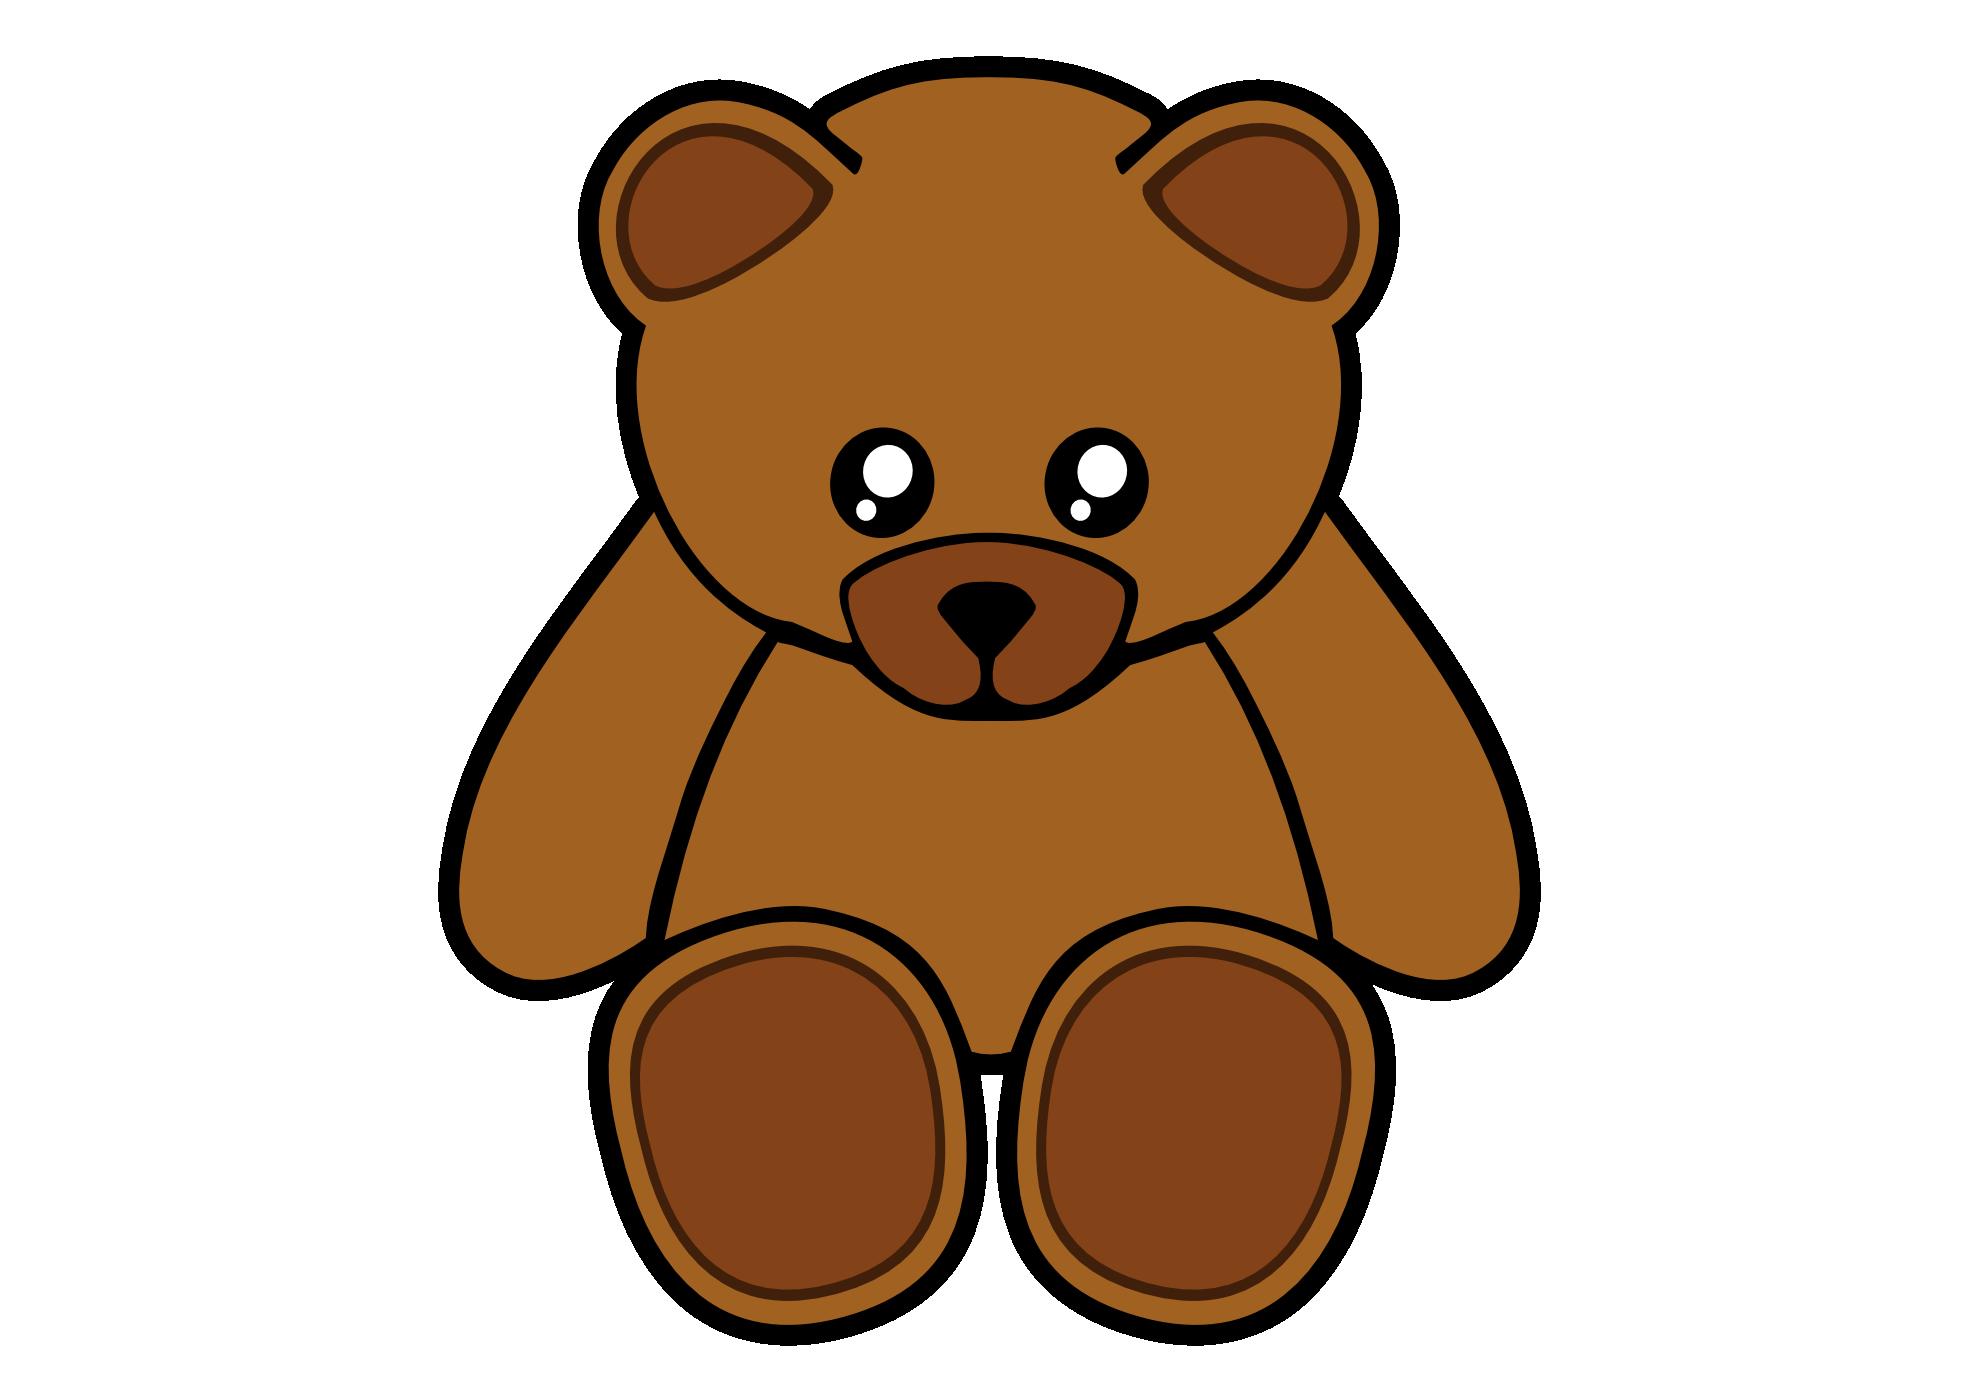 Teddy bear clip art on teddy bears and clipartwiz 2 2.